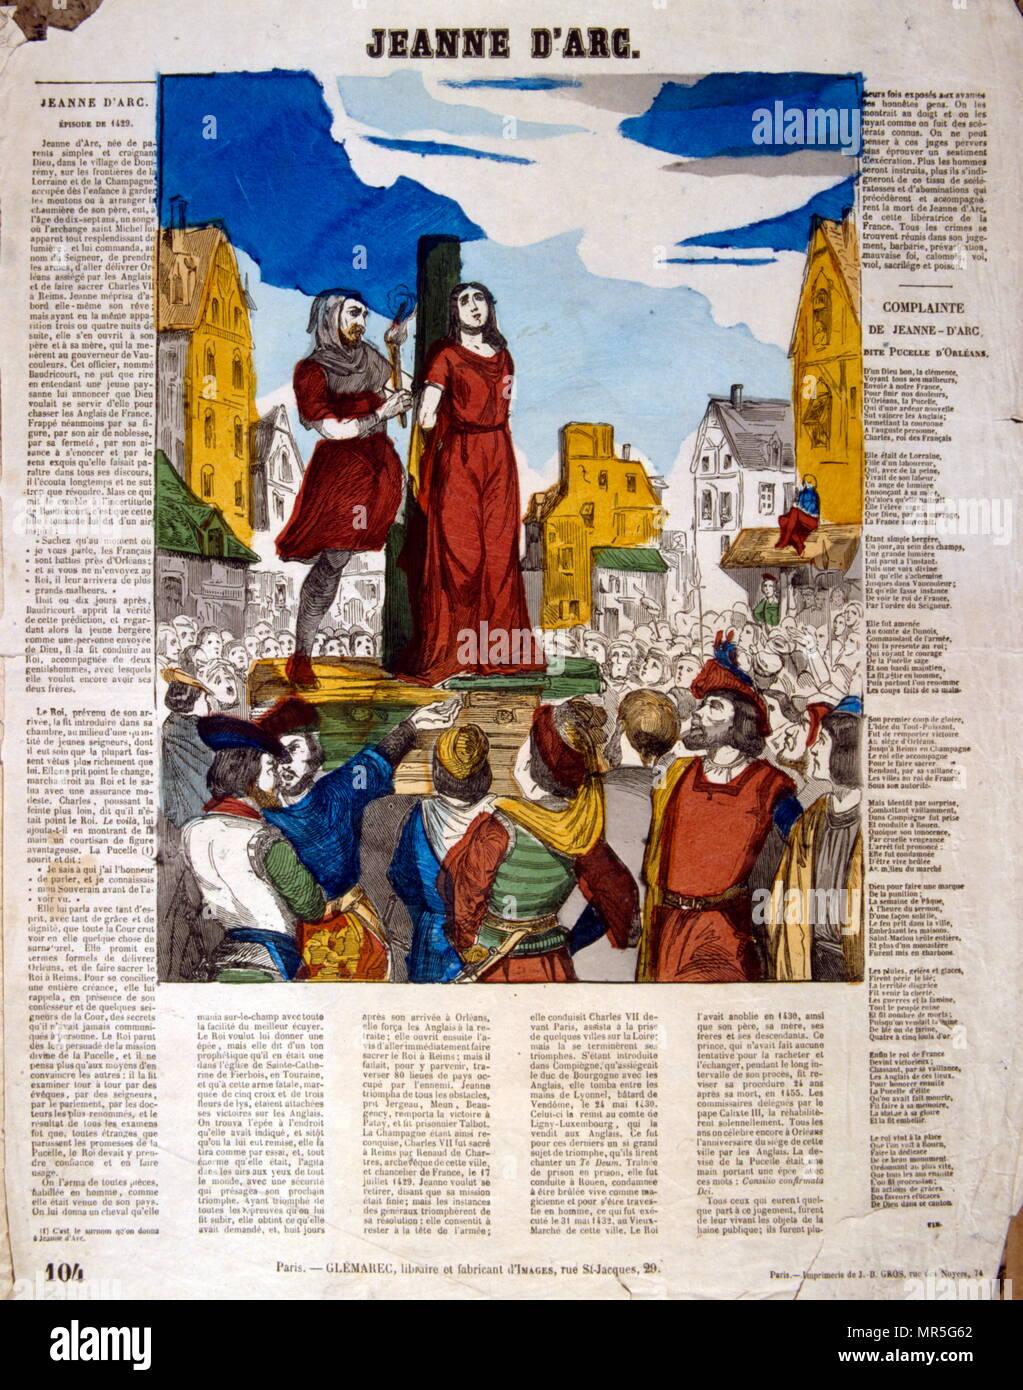 """Französisch 19. Jahrhundert Abbildung: Ausführung von Jeanne d'Arc (C. 1412 - 1431); mit dem Spitznamen """"die Jungfrau von Orléans"""" (Französisch: La Pucelle d'Orléans); wird als Heldin von Frankreich für ihre Rolle während der lancastrian Phase des Hundertjährigen Krieges und wurde als Römisch-katholische Heilige heilig gesprochen. Stockfoto"""